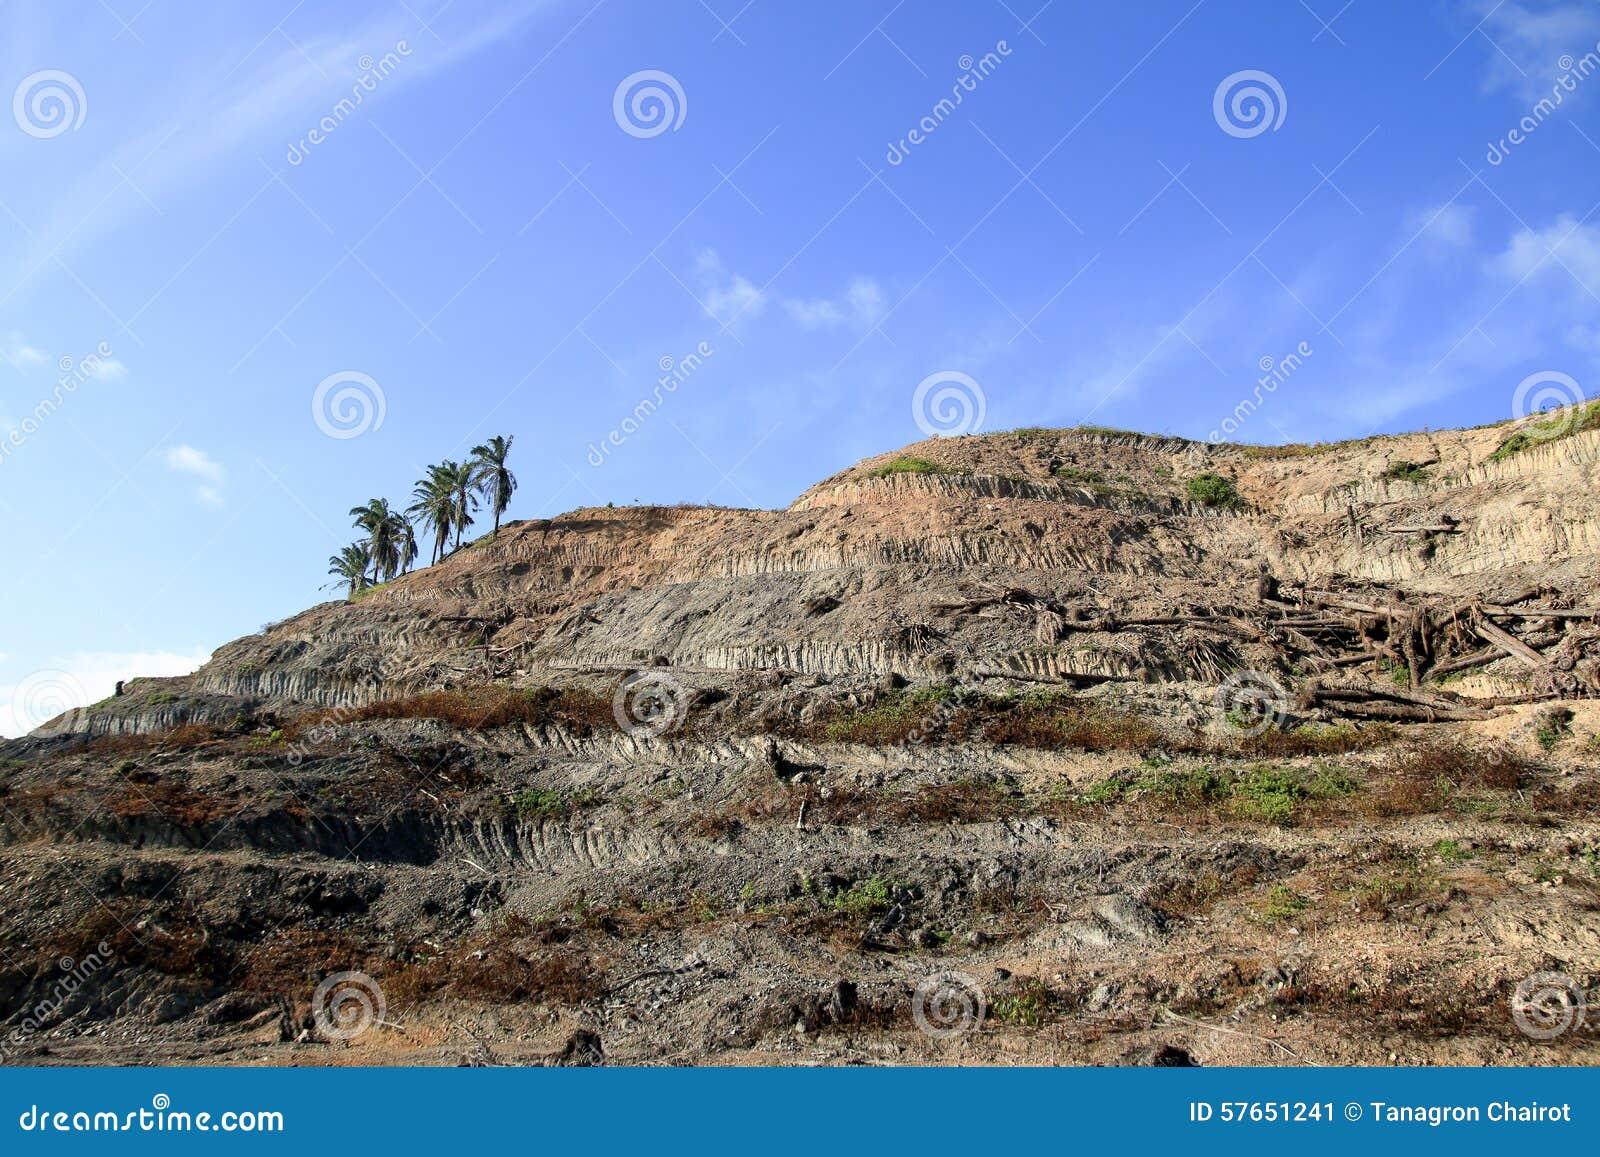 Mountain Soil Stock Photo - Image: 57651241